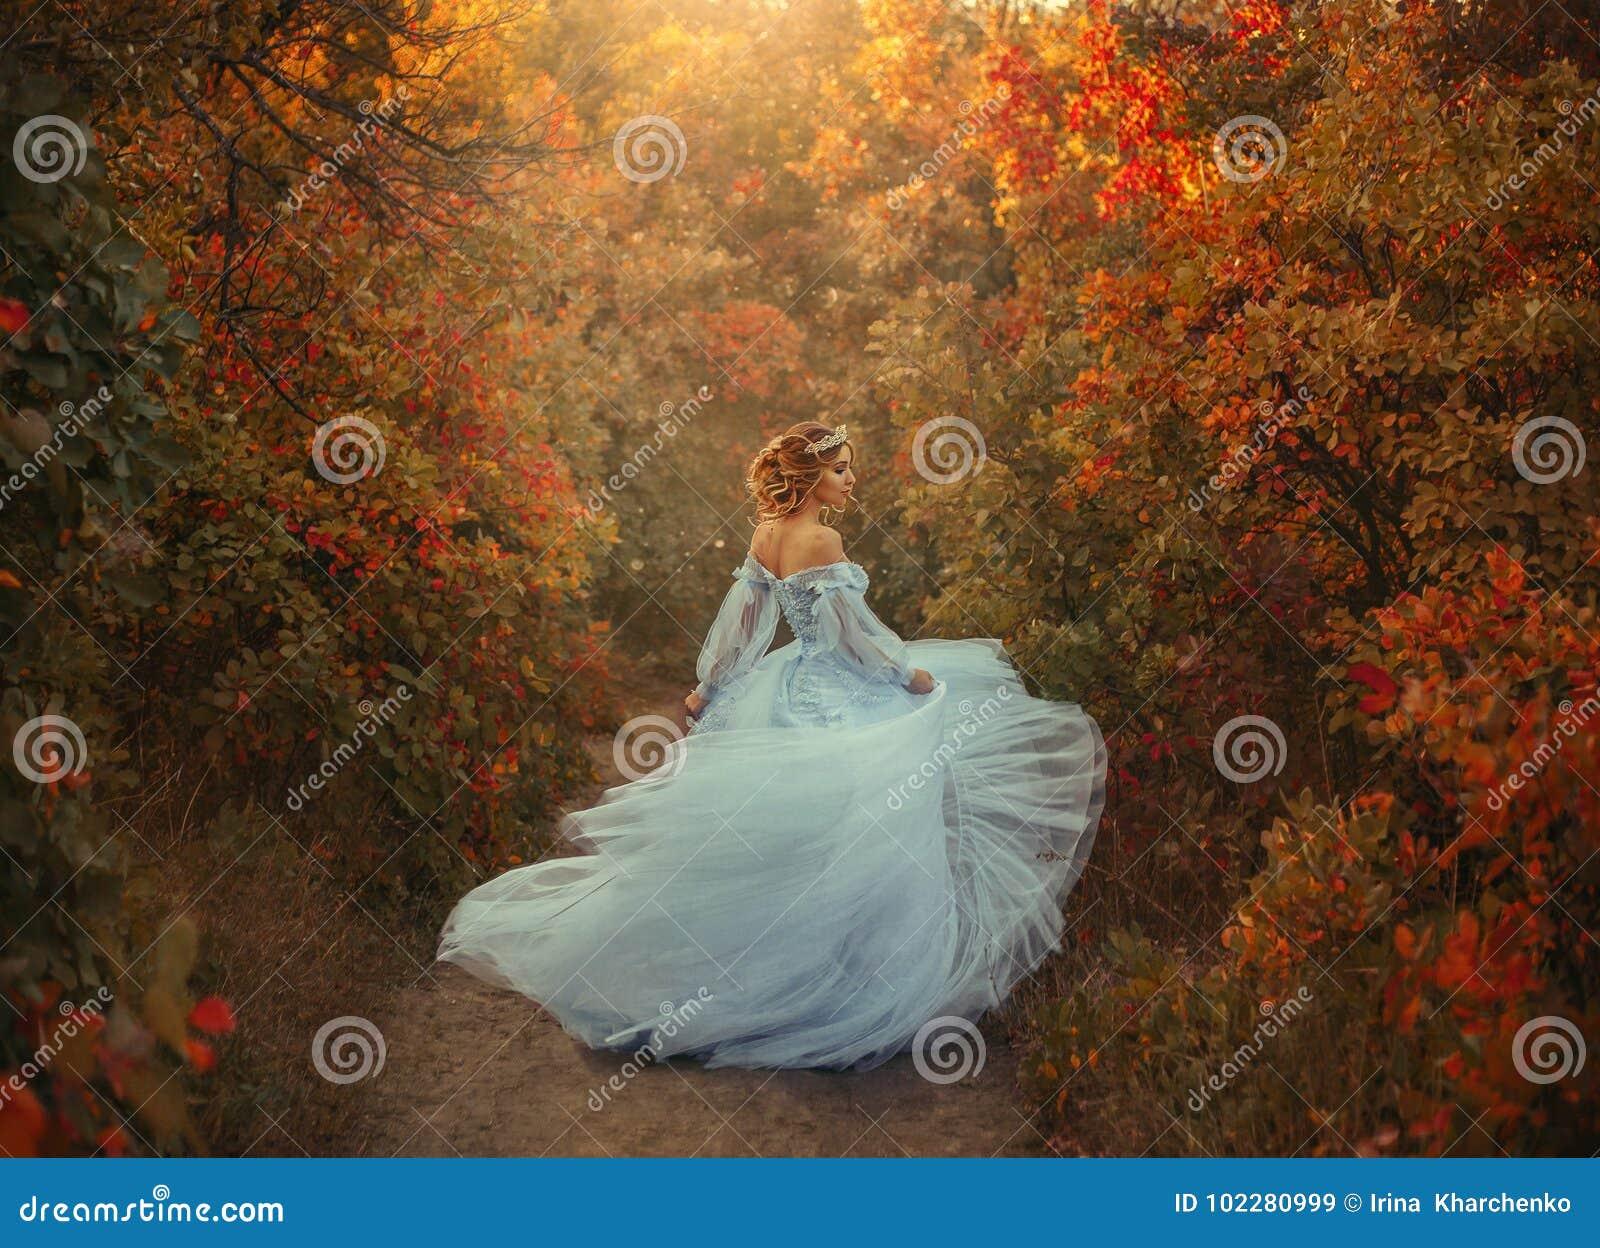 Prinsessa i höstträdgården